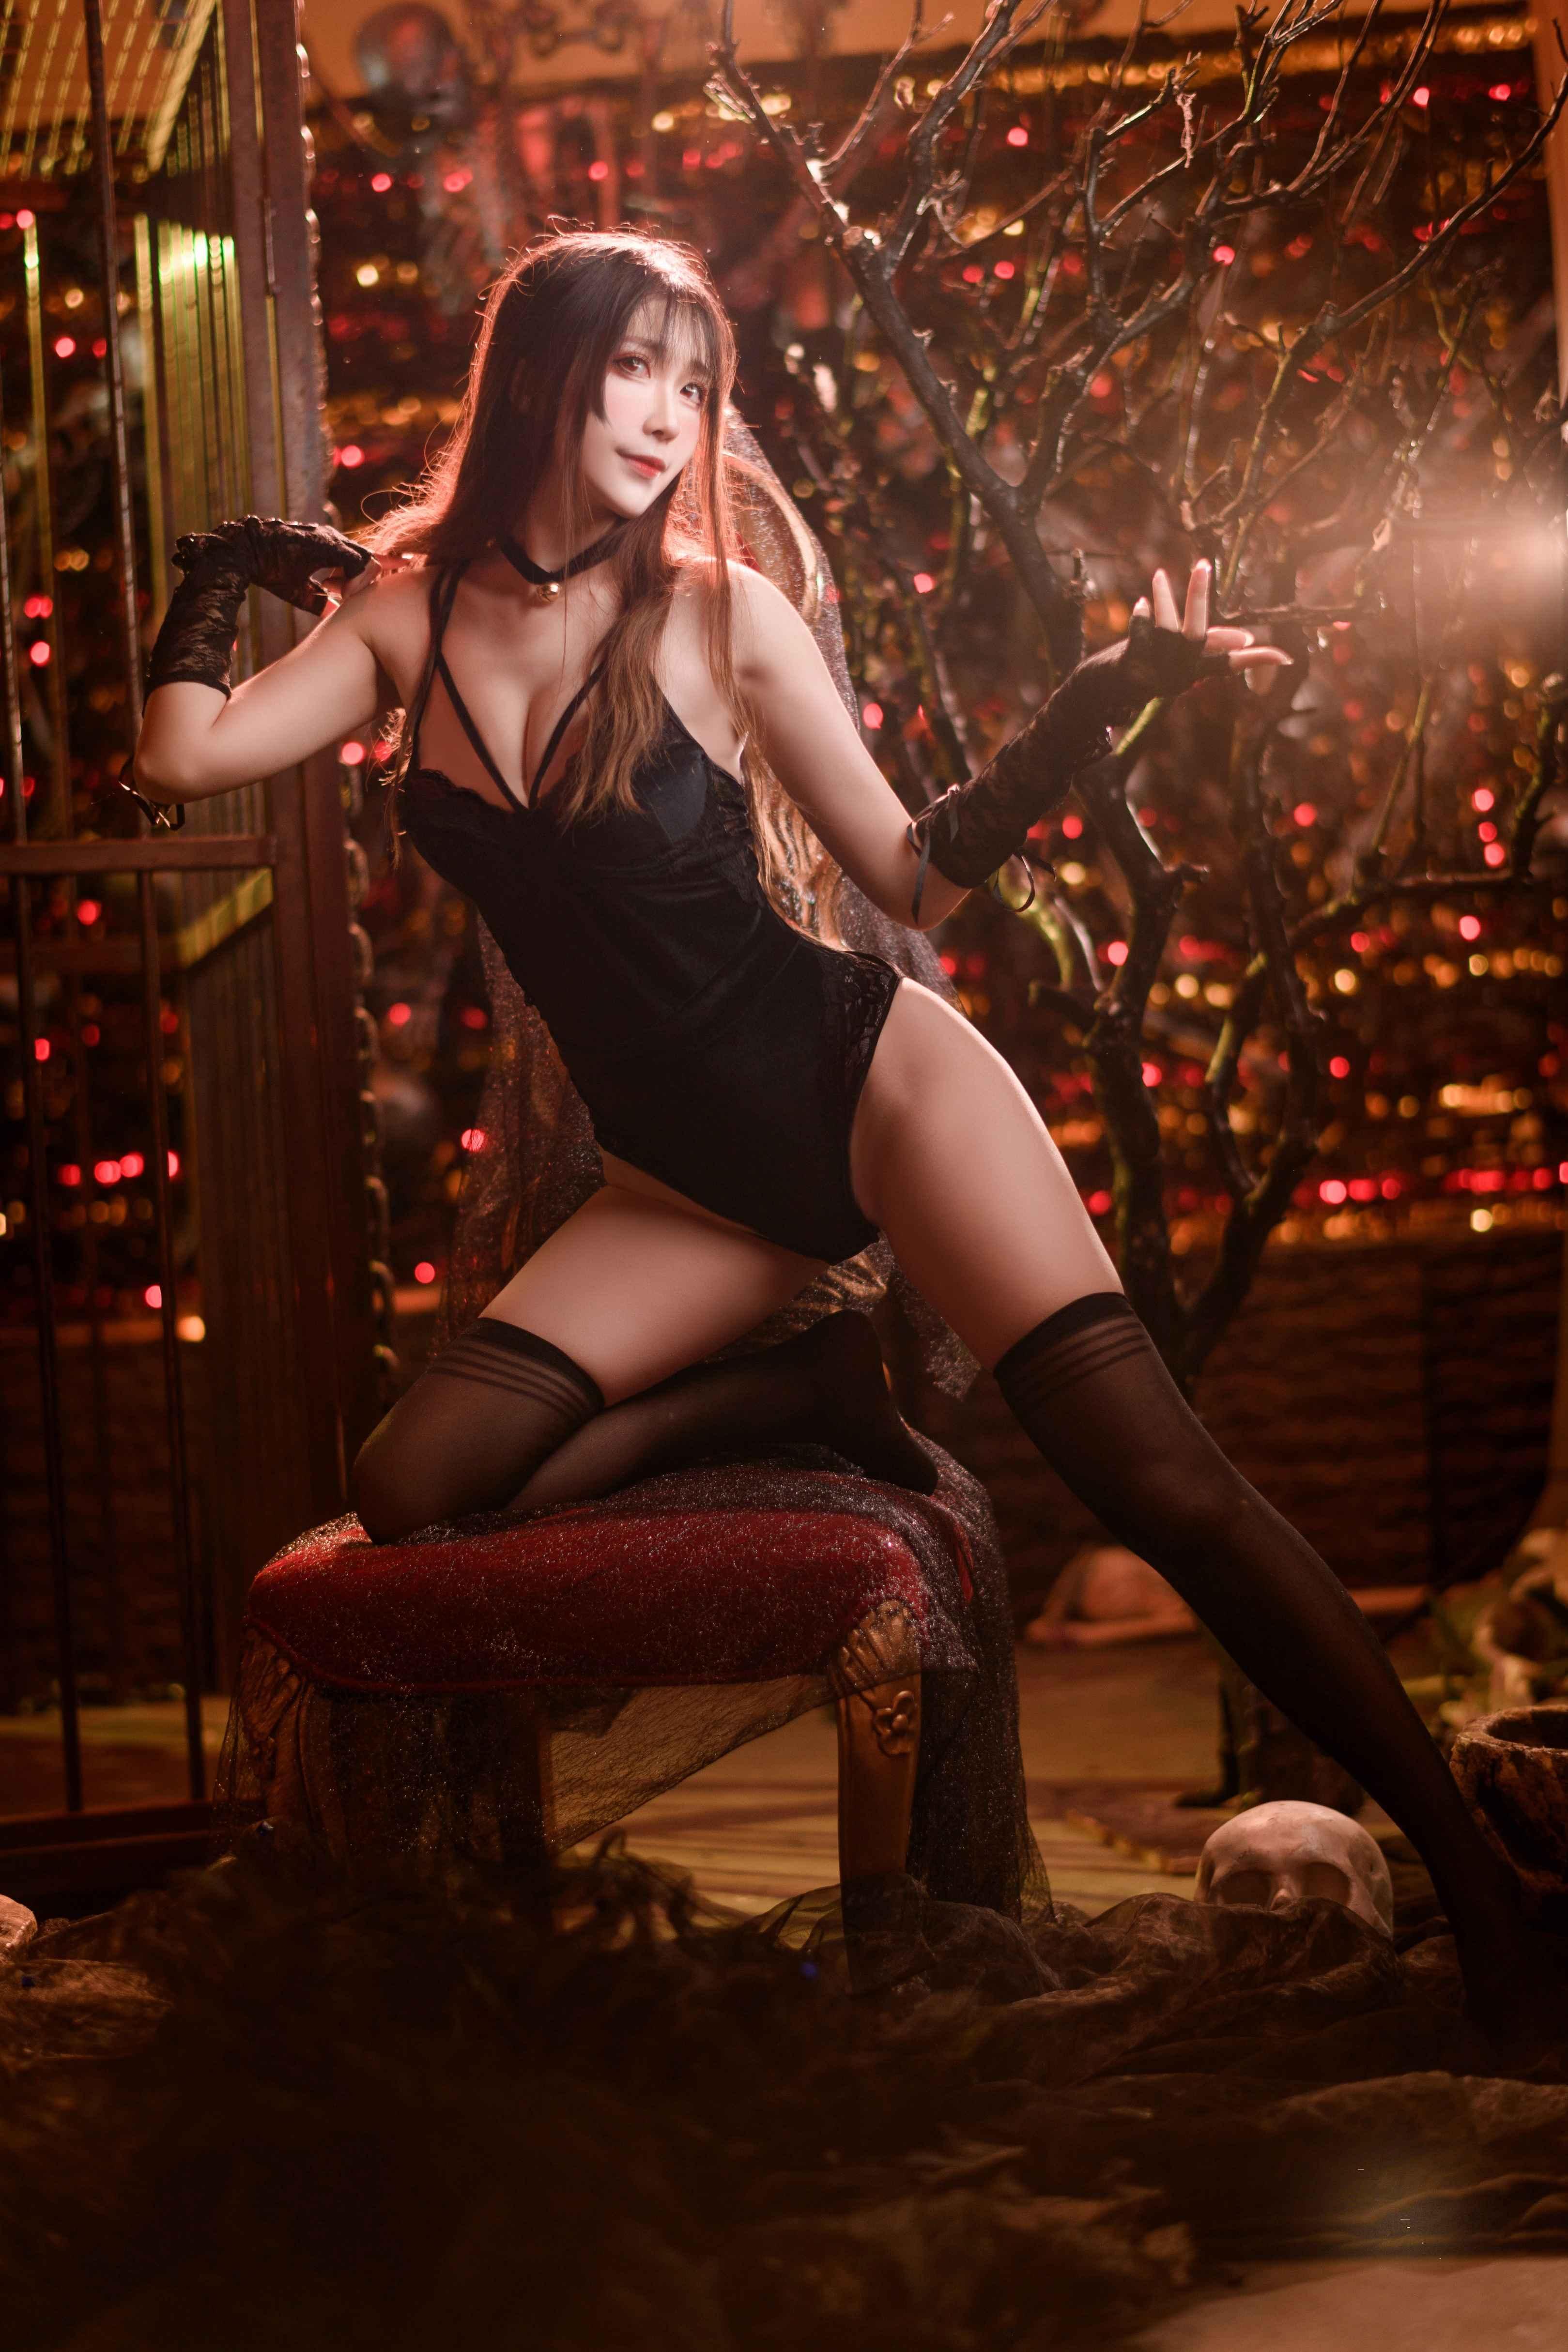 Sakiiii翎柒10w粉福利写真,黑色蕾丝的美丽